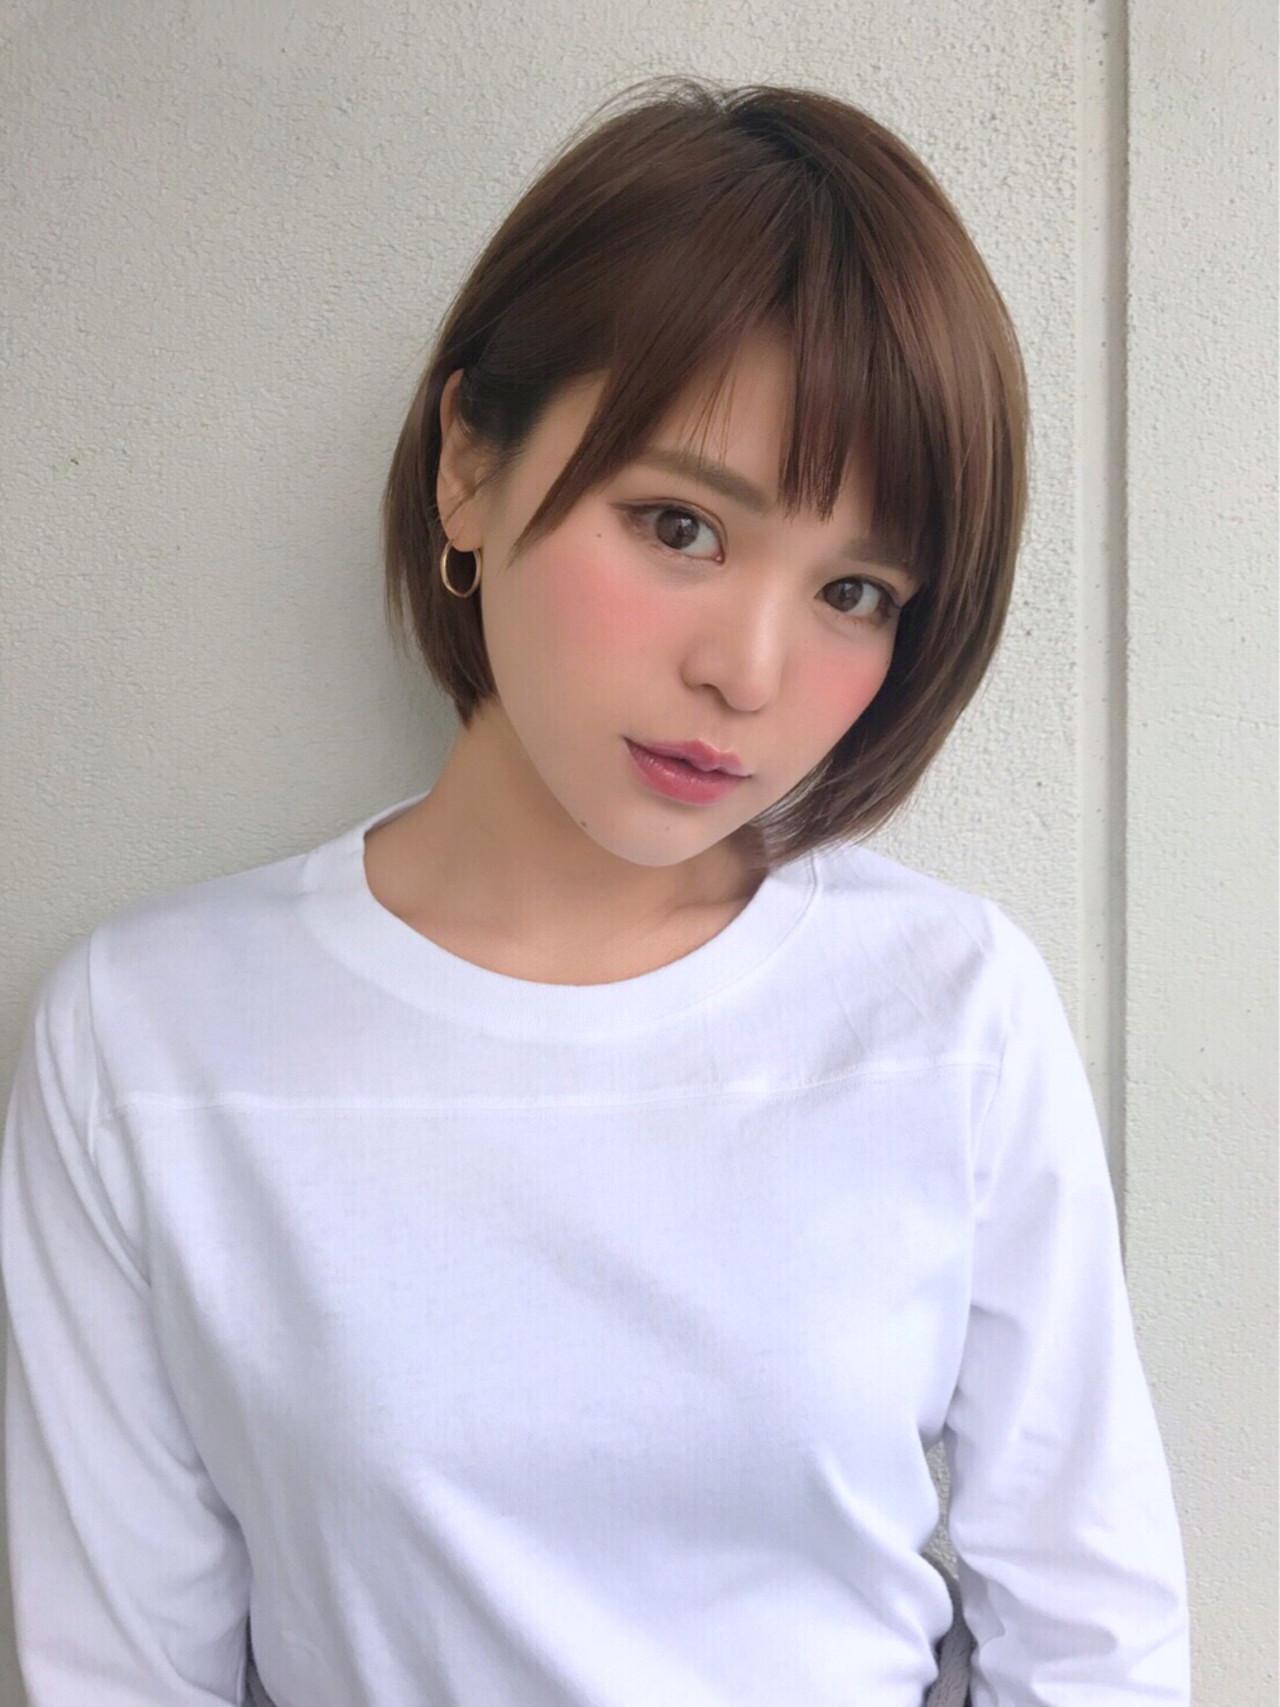 ショートボブ 斜め前髪 ナチュラル 小顔 ヘアスタイルや髪型の写真・画像 | 高橋苗 / GARDENharajuku